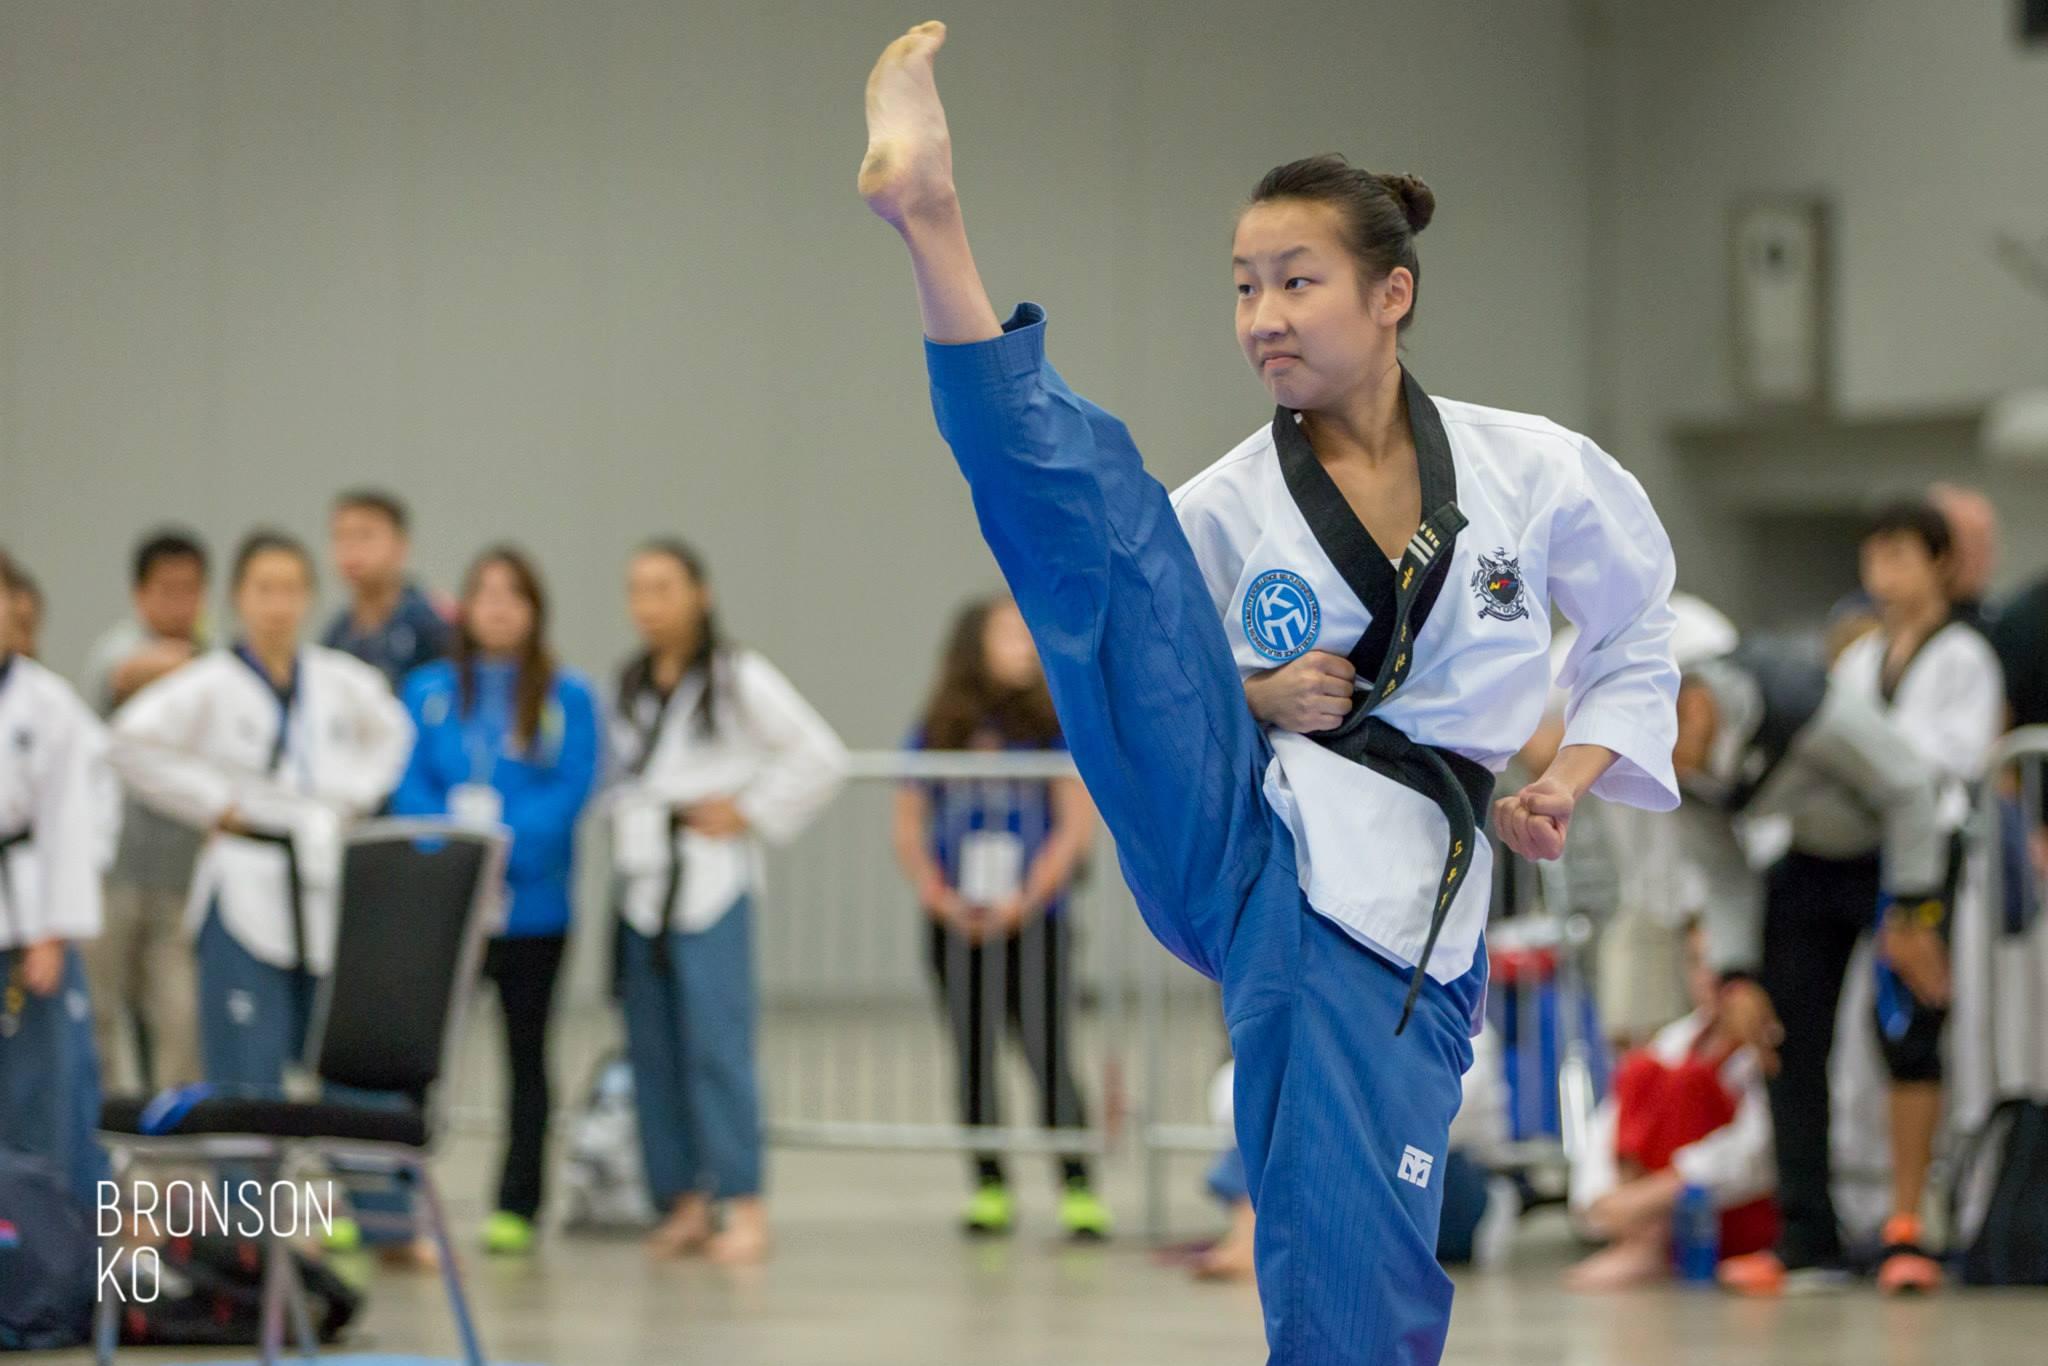 martial arts girl kicking